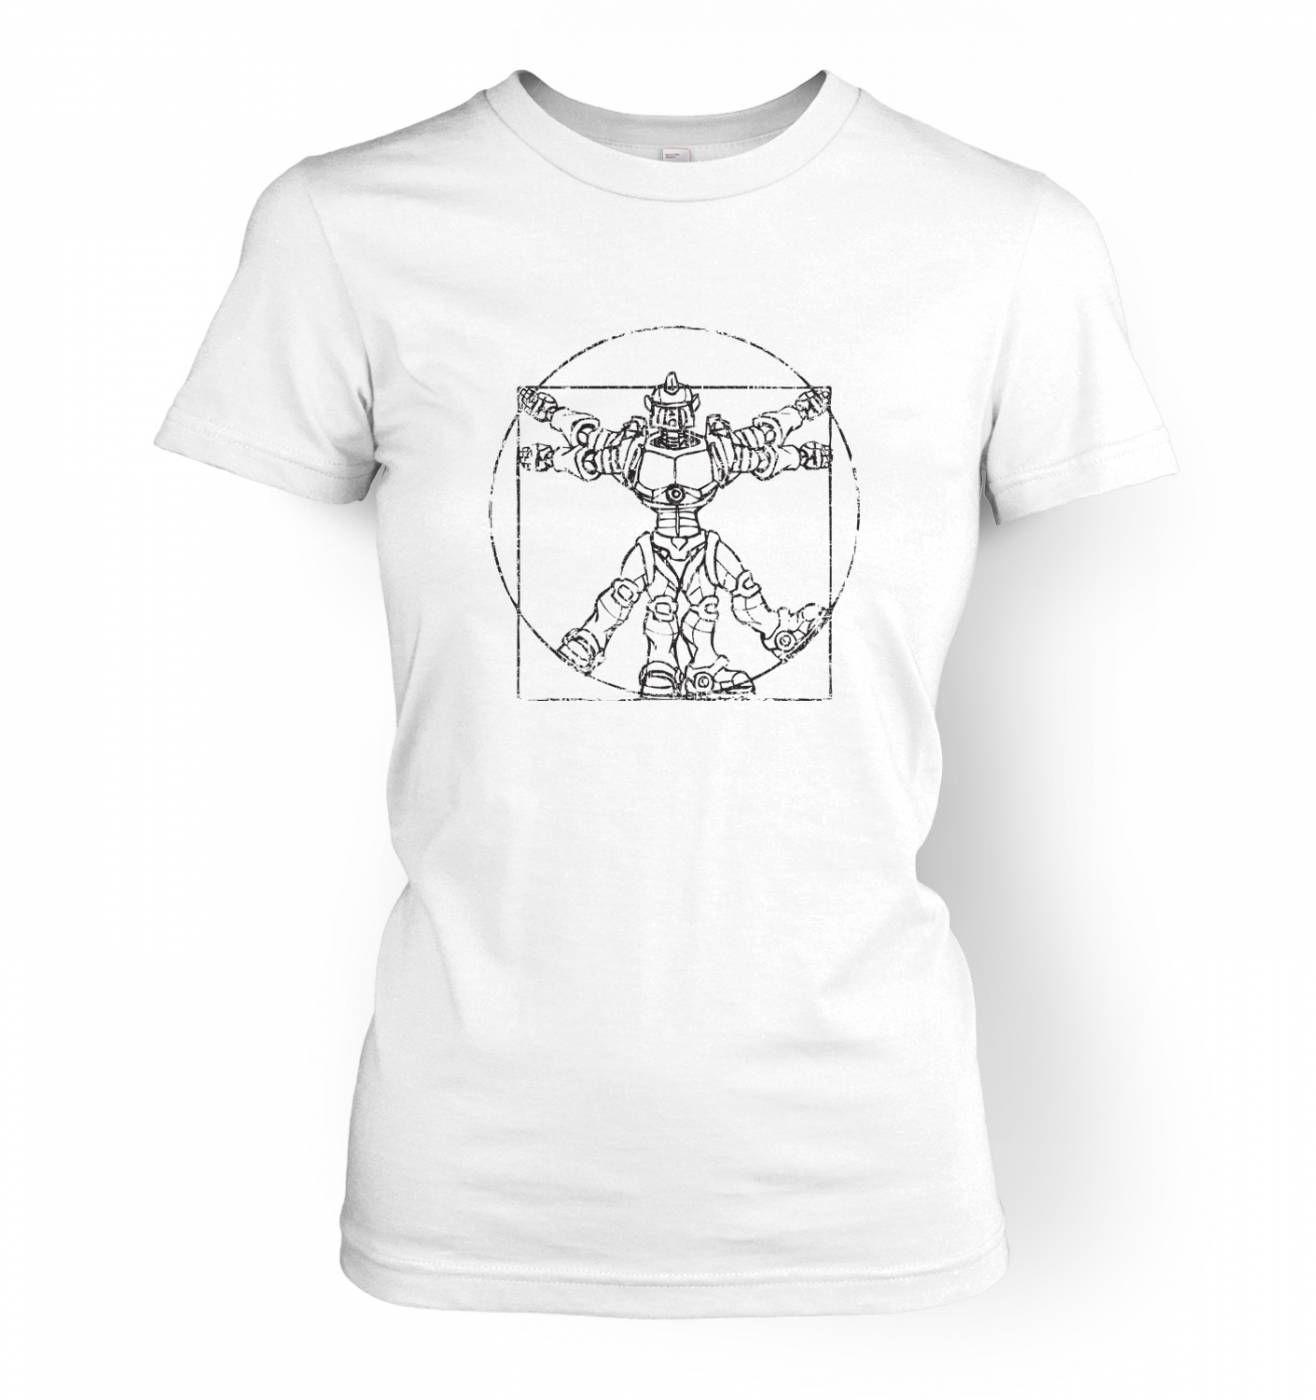 Vitruvian Robot women's t-shirt